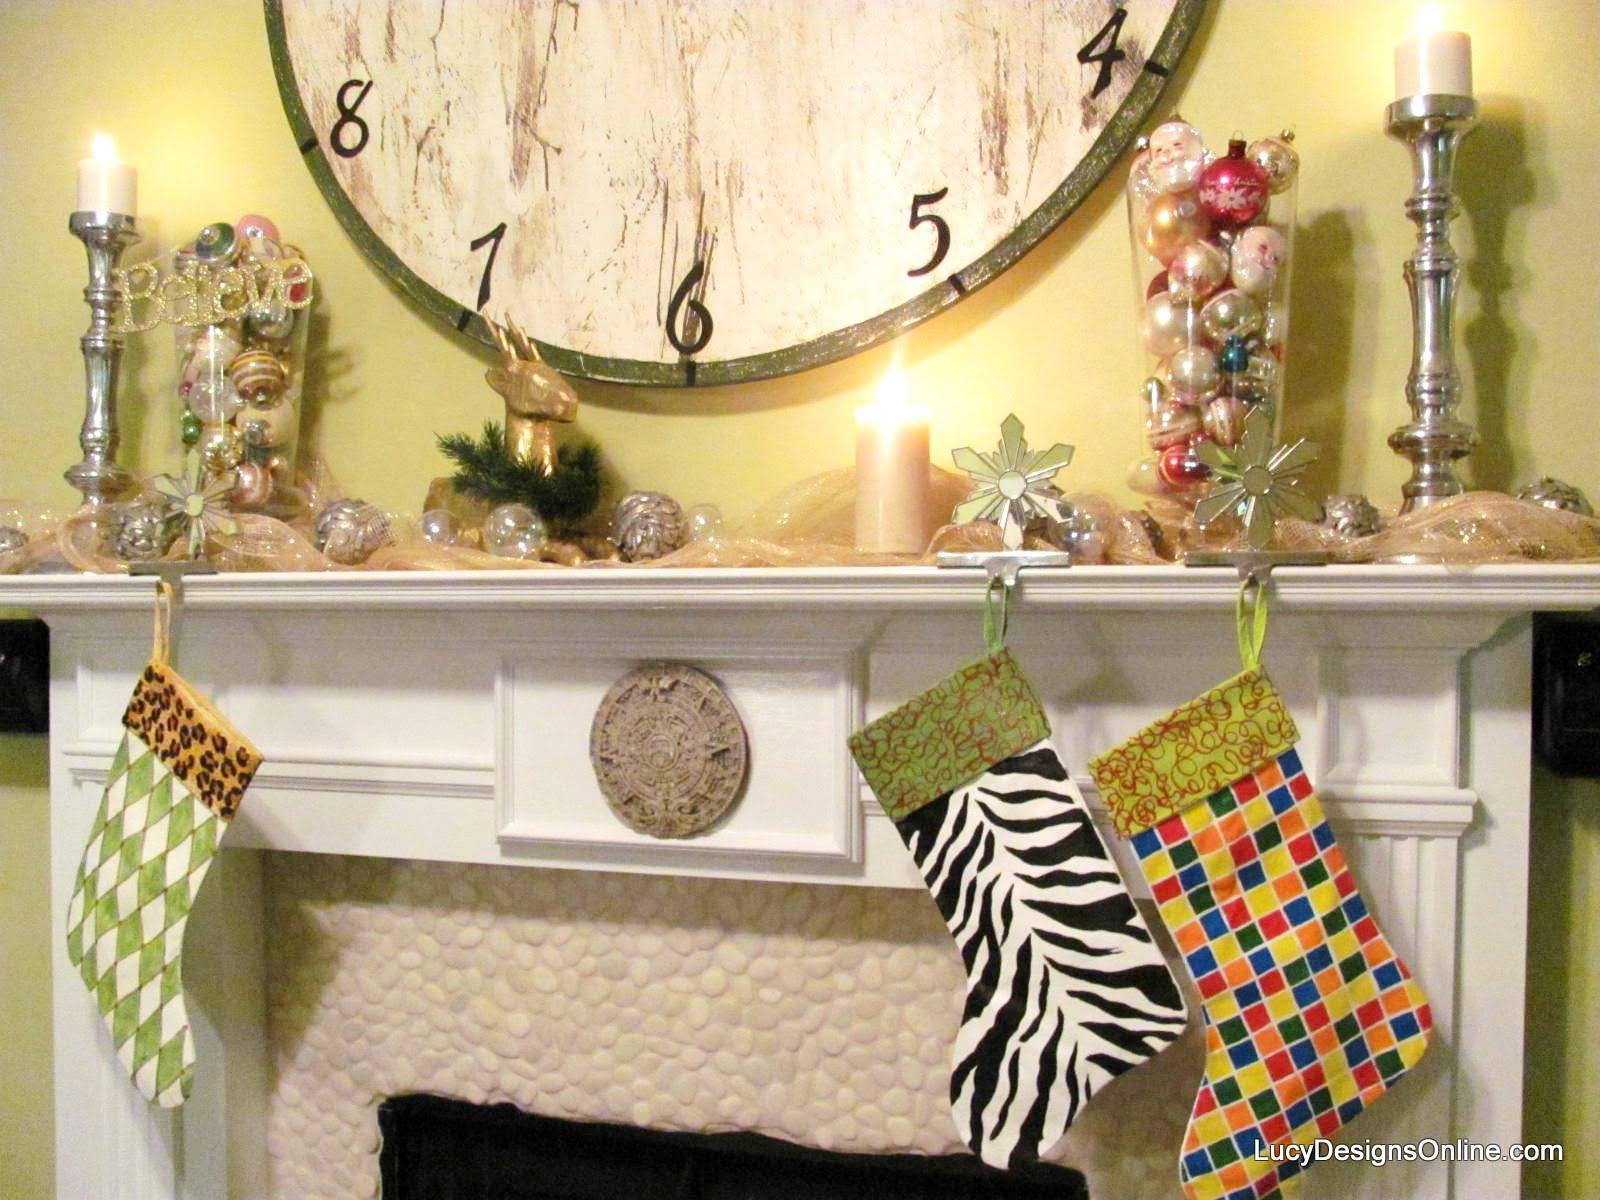 hand painted rubik's cube stocking, zebra stocking and harlequin and animal print stocking